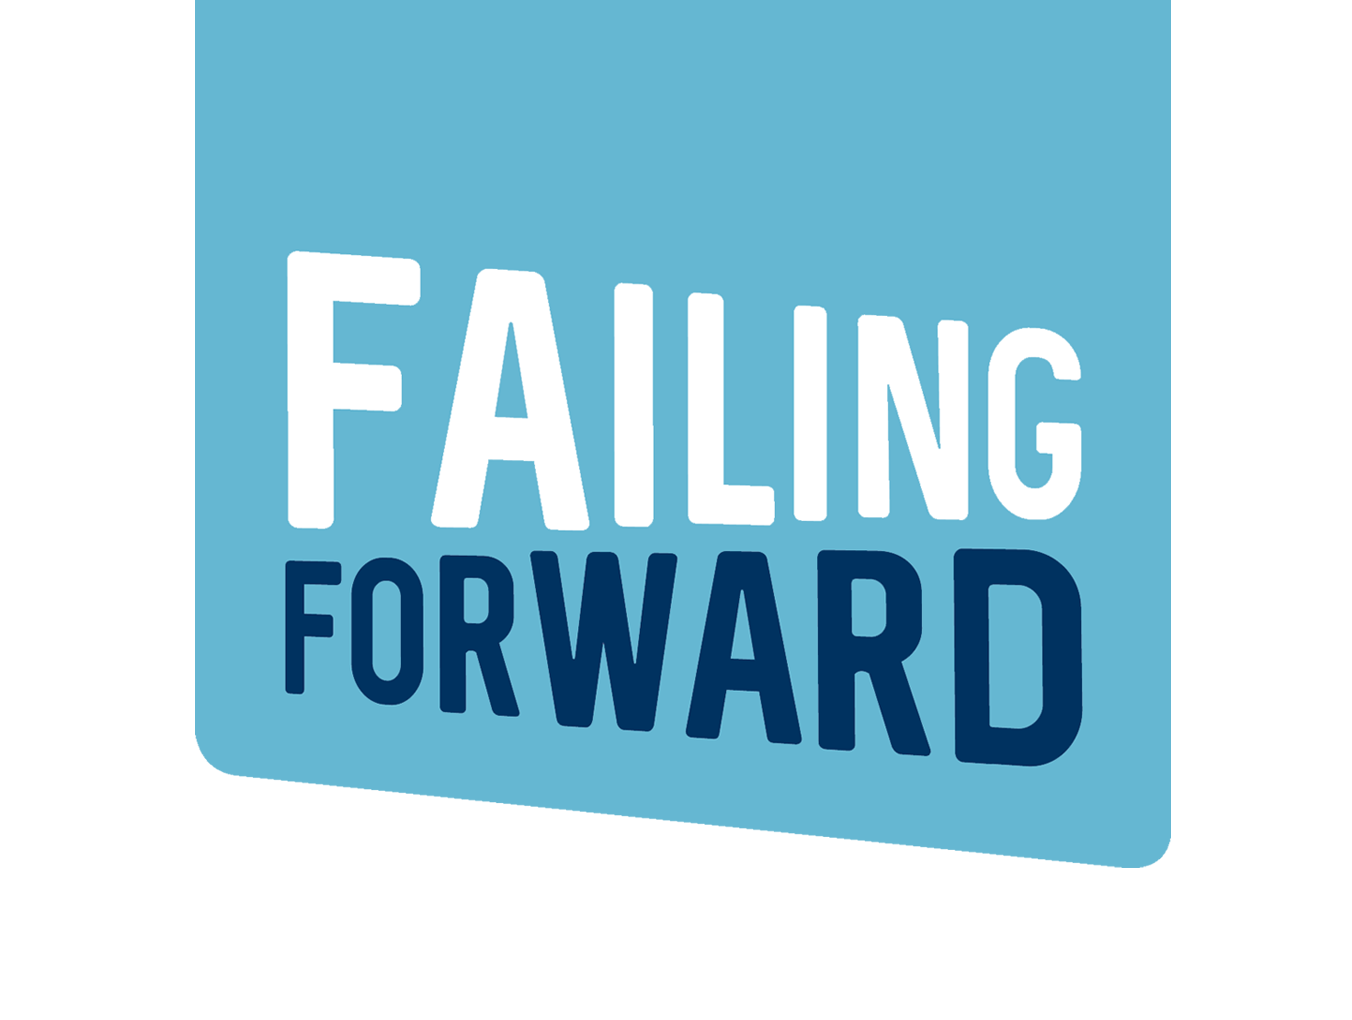 4 years of failing forward